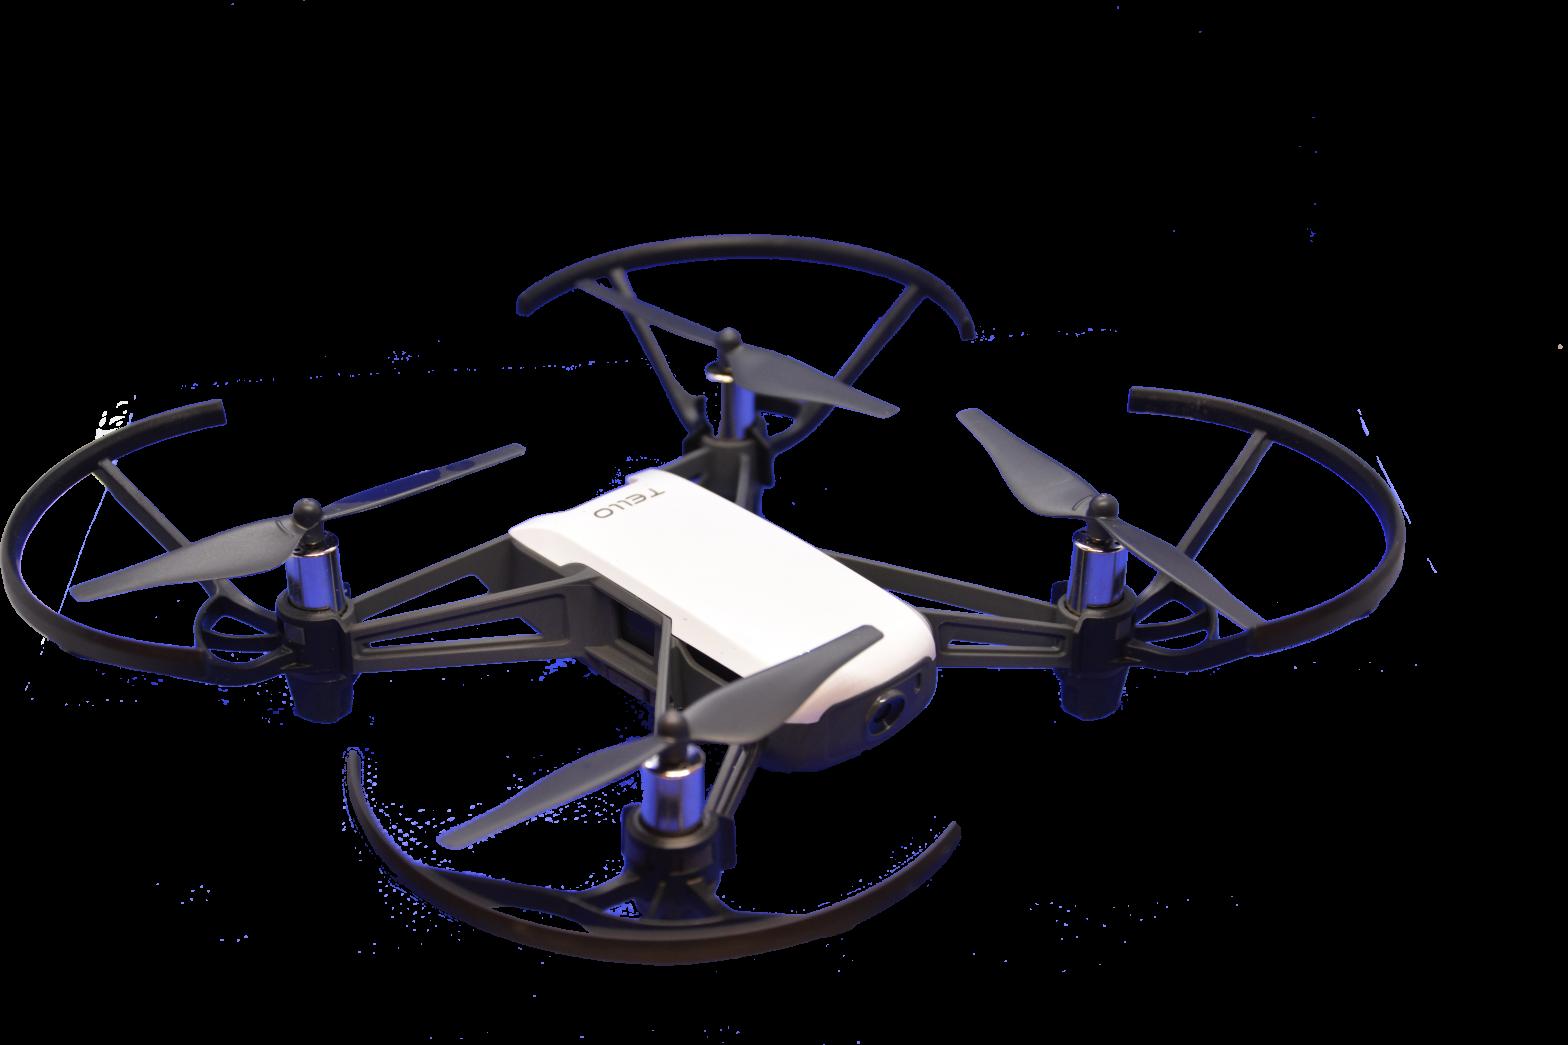 Trello drone